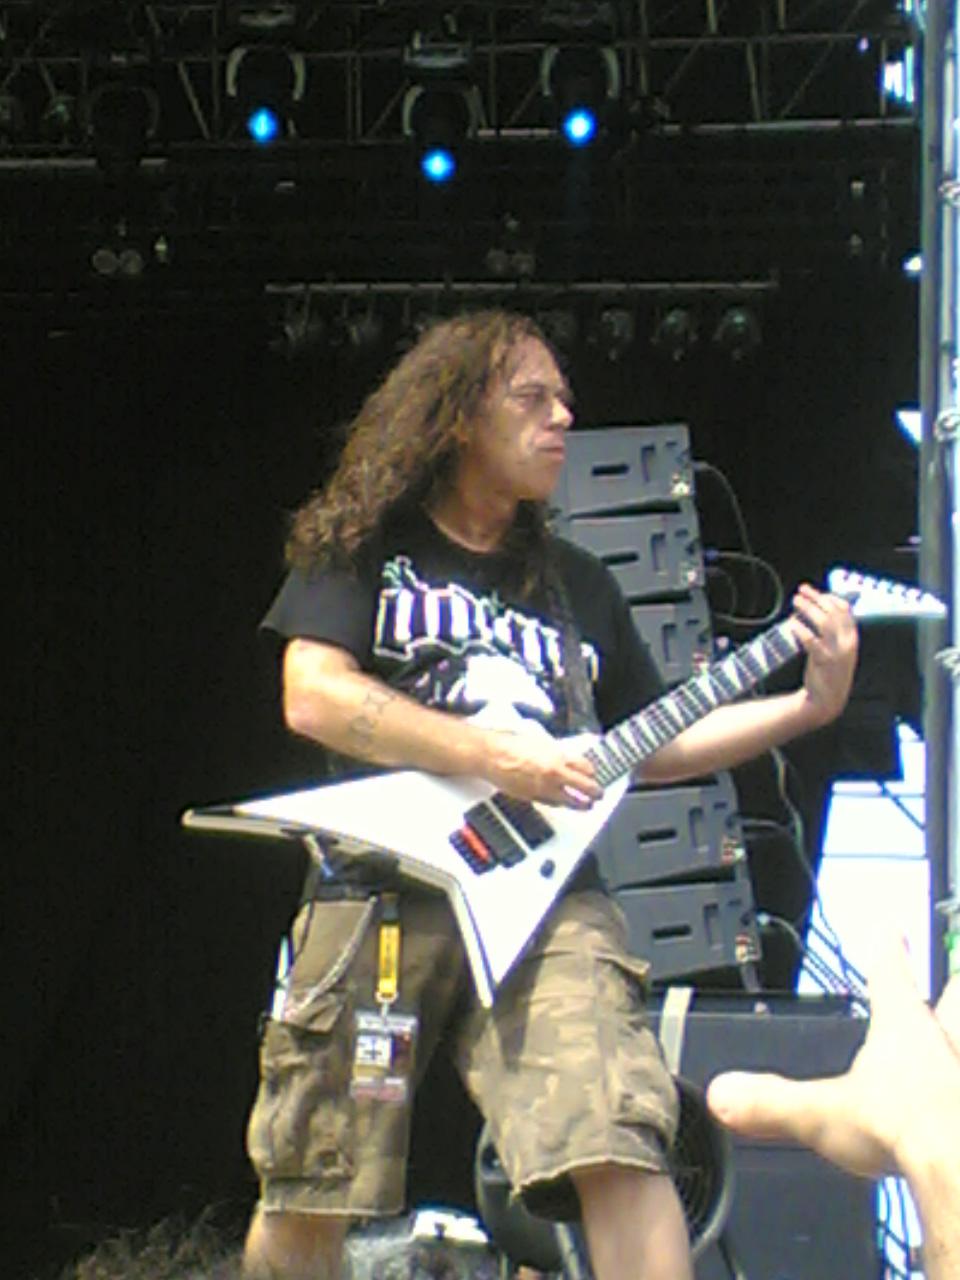 L'ancien guitariste de DEATH, ICED EARTH, DEICIDE et OBITUARY est mort ce 6 juin 2018